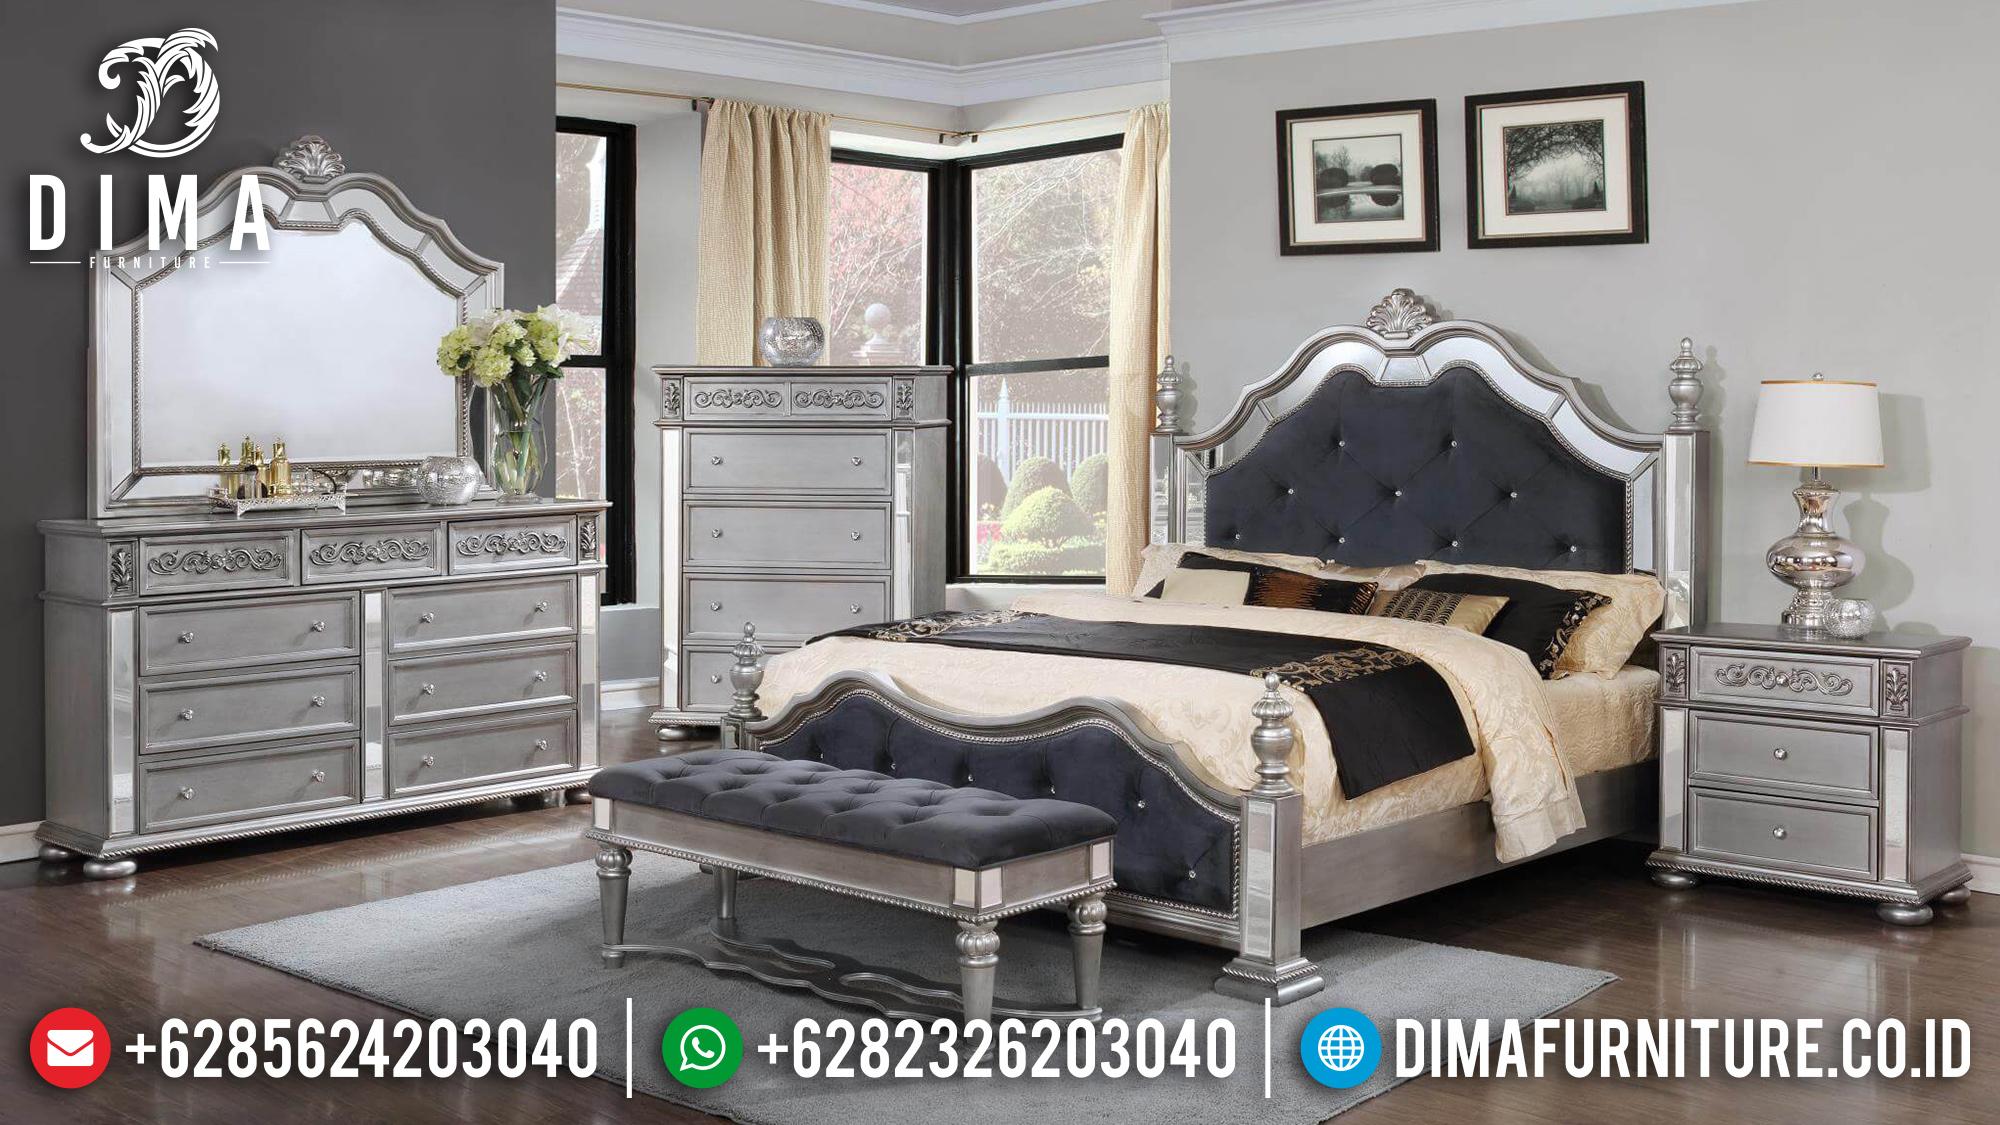 Harga Tempat Tidur Mewah Jepara Modern Kaca BT-0154